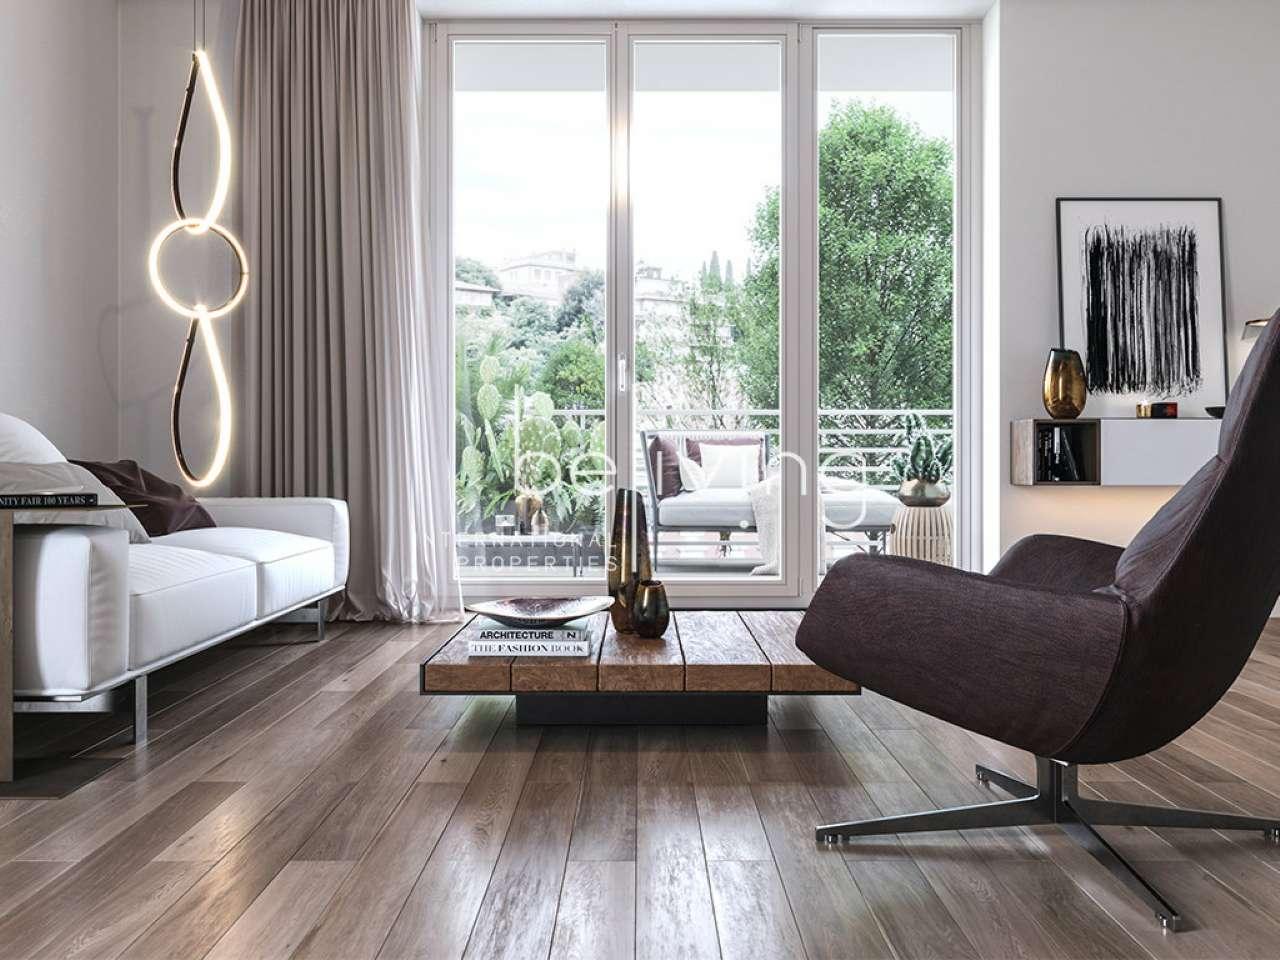 Appartamento in vendita a Roma, 3 locali, zona Zona: 25 . Trastevere - Testaccio, prezzo € 592.000 | CambioCasa.it